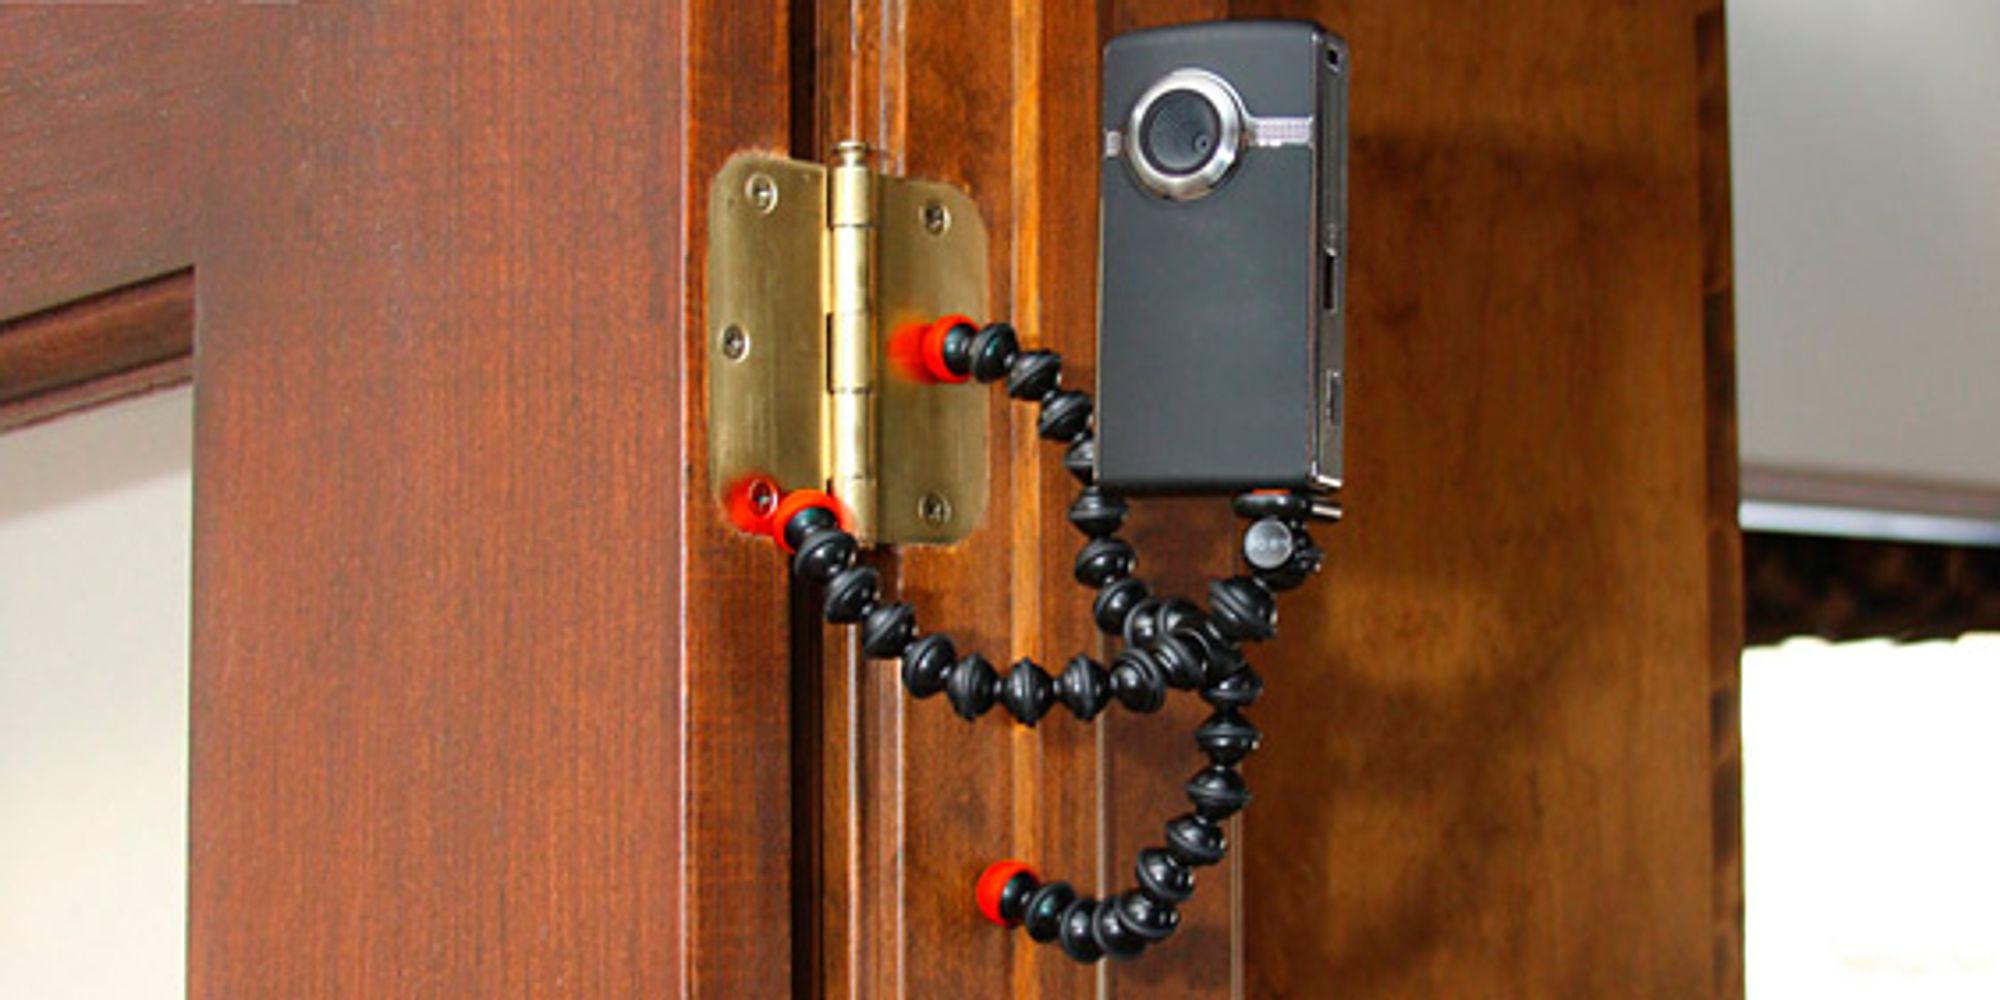 Kreativ bruk av dørhengsler med Gorillapod Magnetic. (Foto: Joby)